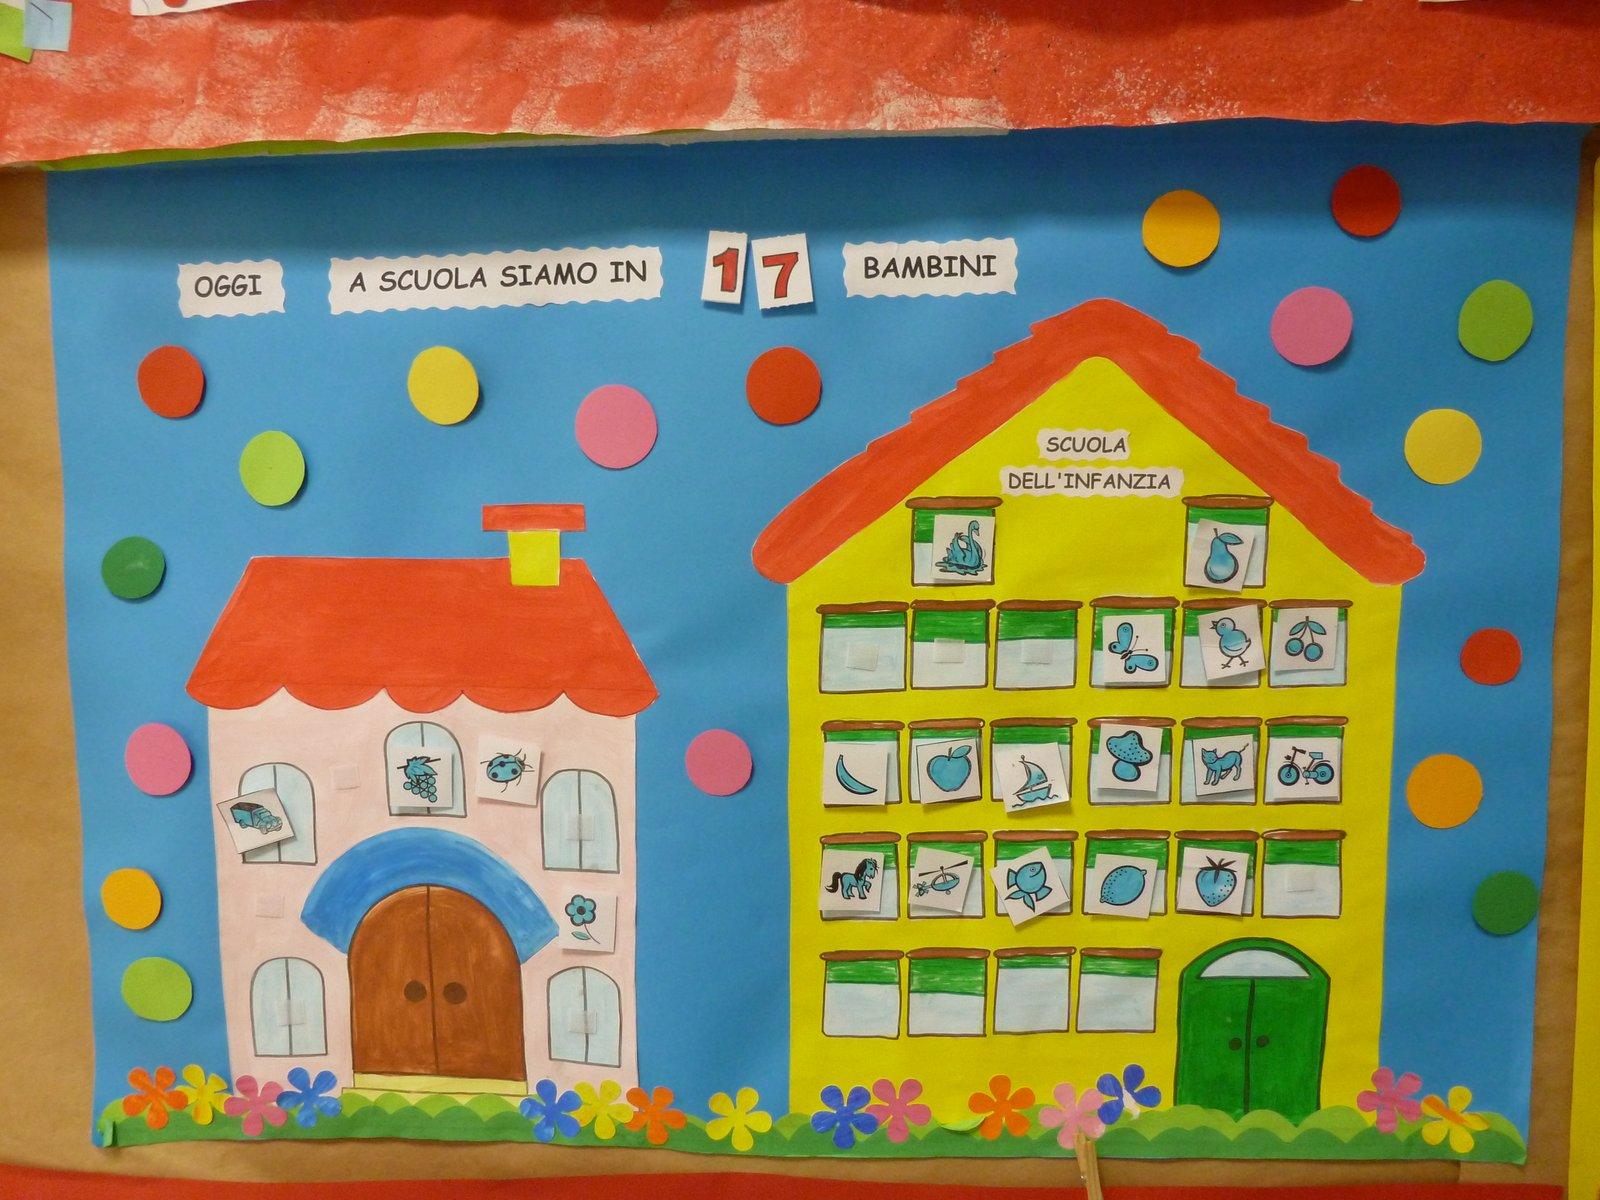 Maestra caterina l 39 angolo della routine for Idee per l accoglienza nella scuola dell infanzia